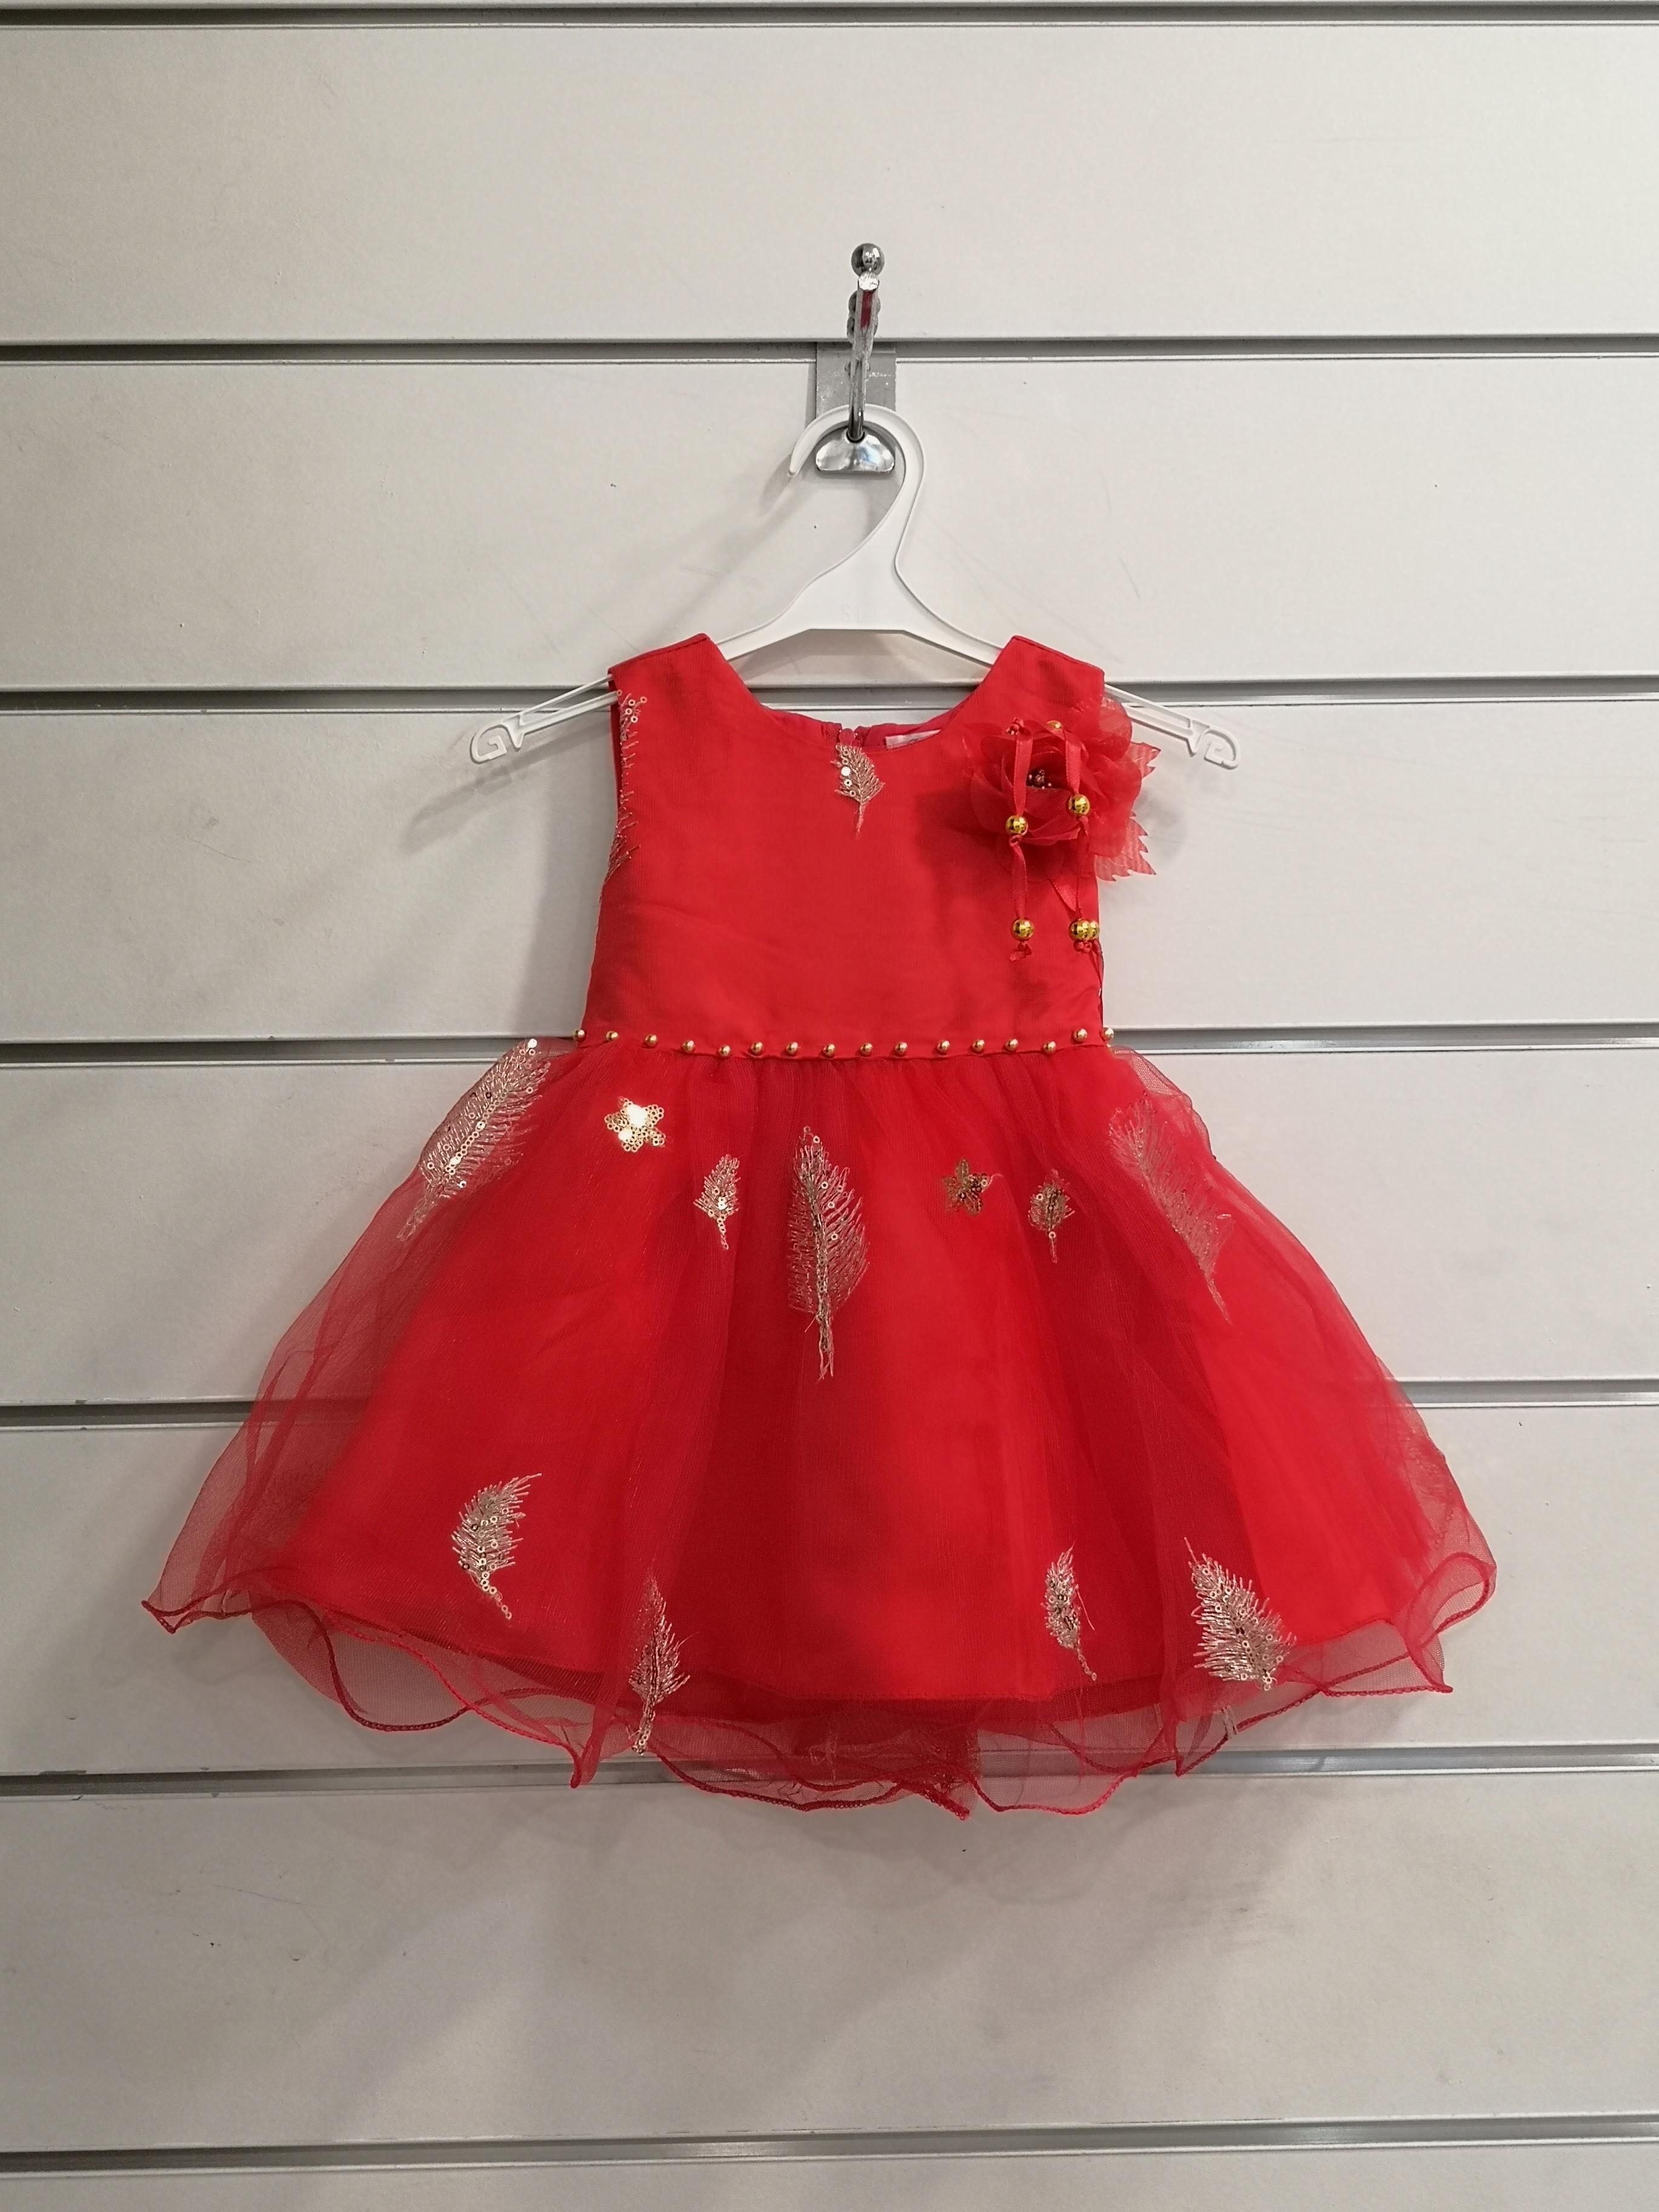 Robes Enfant Rouge pretty baby 2209 #c eFashion Paris